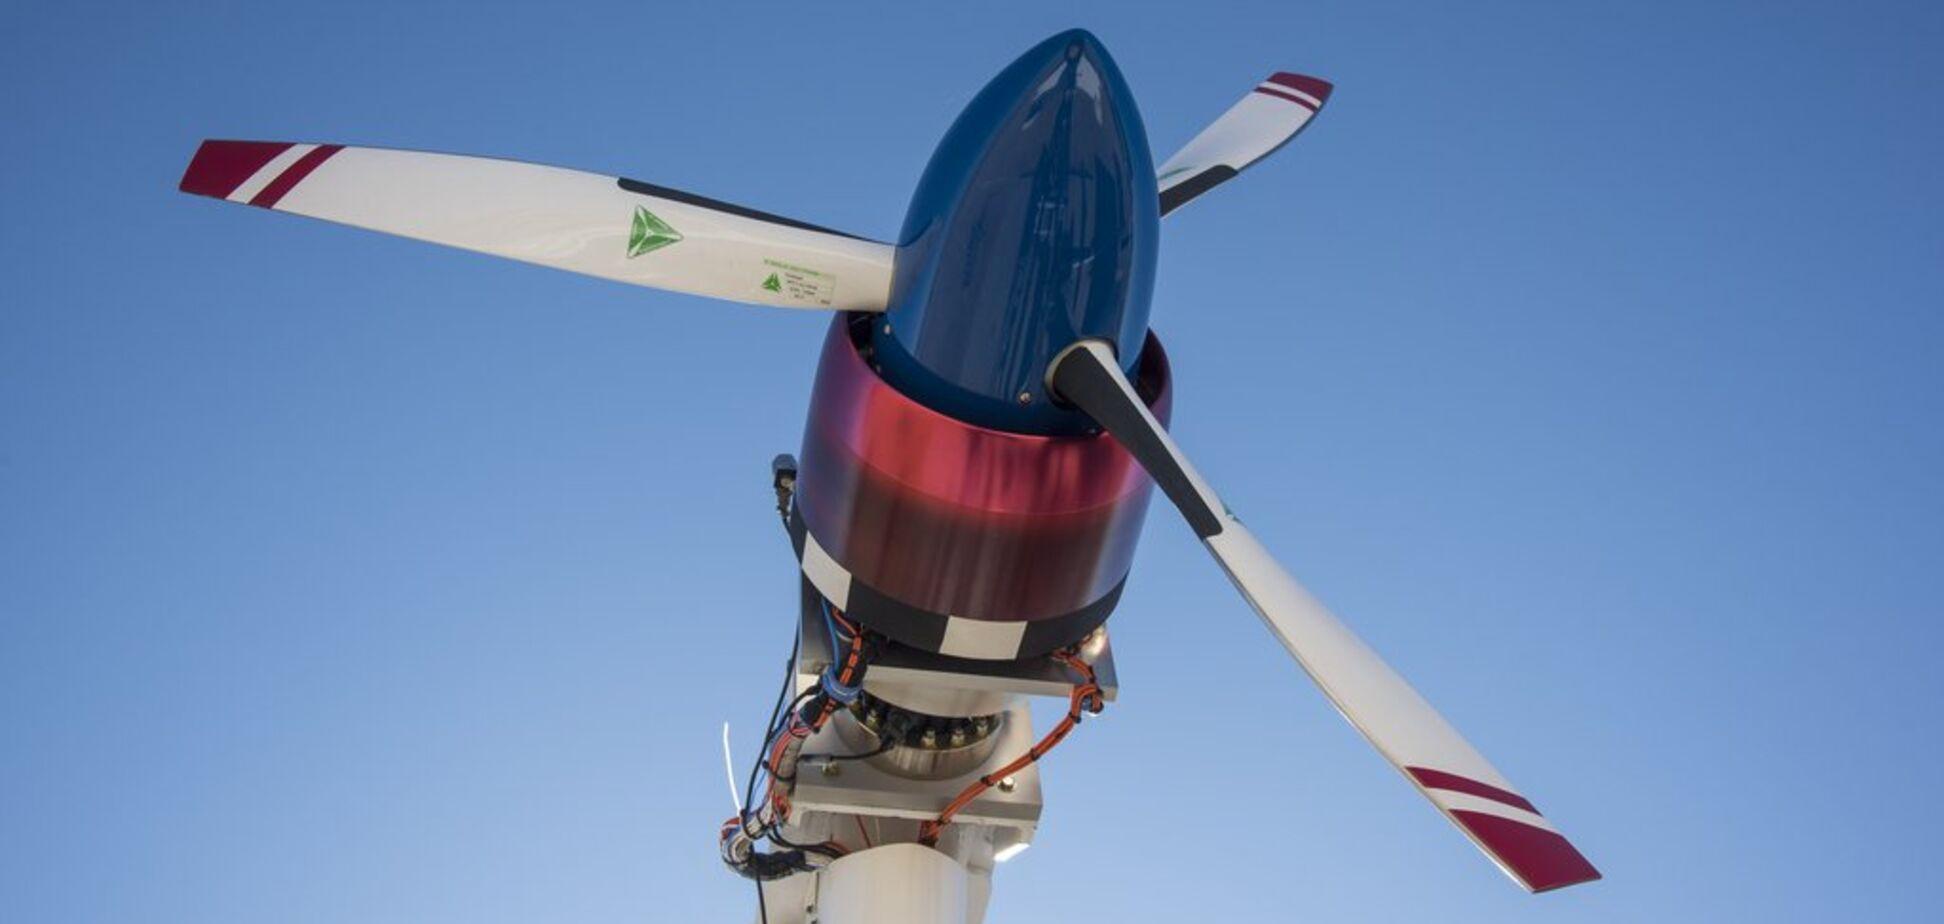 Tesla із крилами: NASA вперше показала унікальну розробку